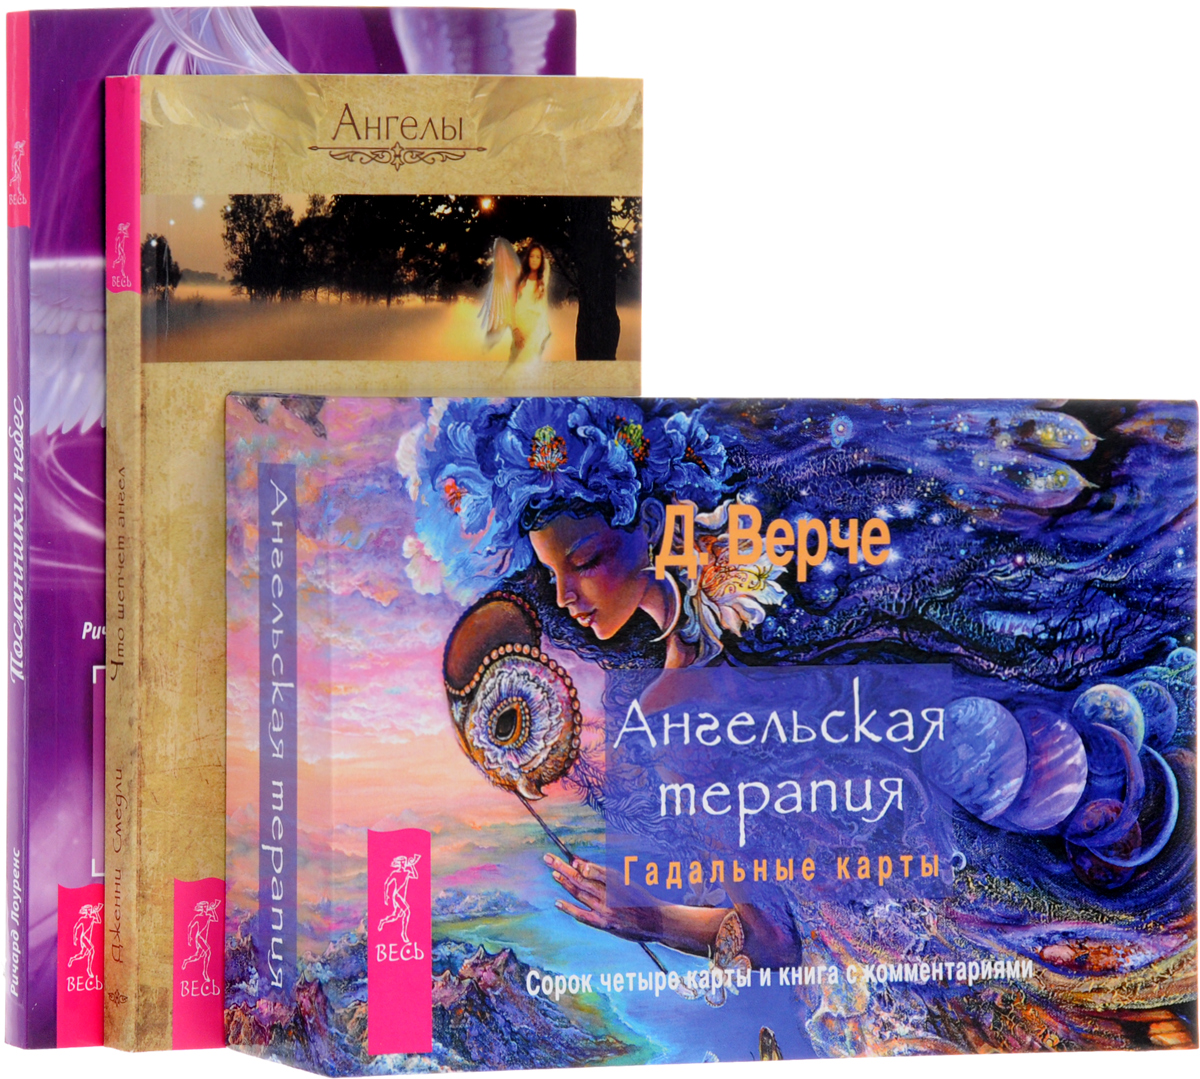 Д. Верче, Ричард Лоуренс, Дженни Смедли Ангельская терапия. Посланник небес. Что шепчет ангел (комплект из 3 книг + набор из 44 карт)